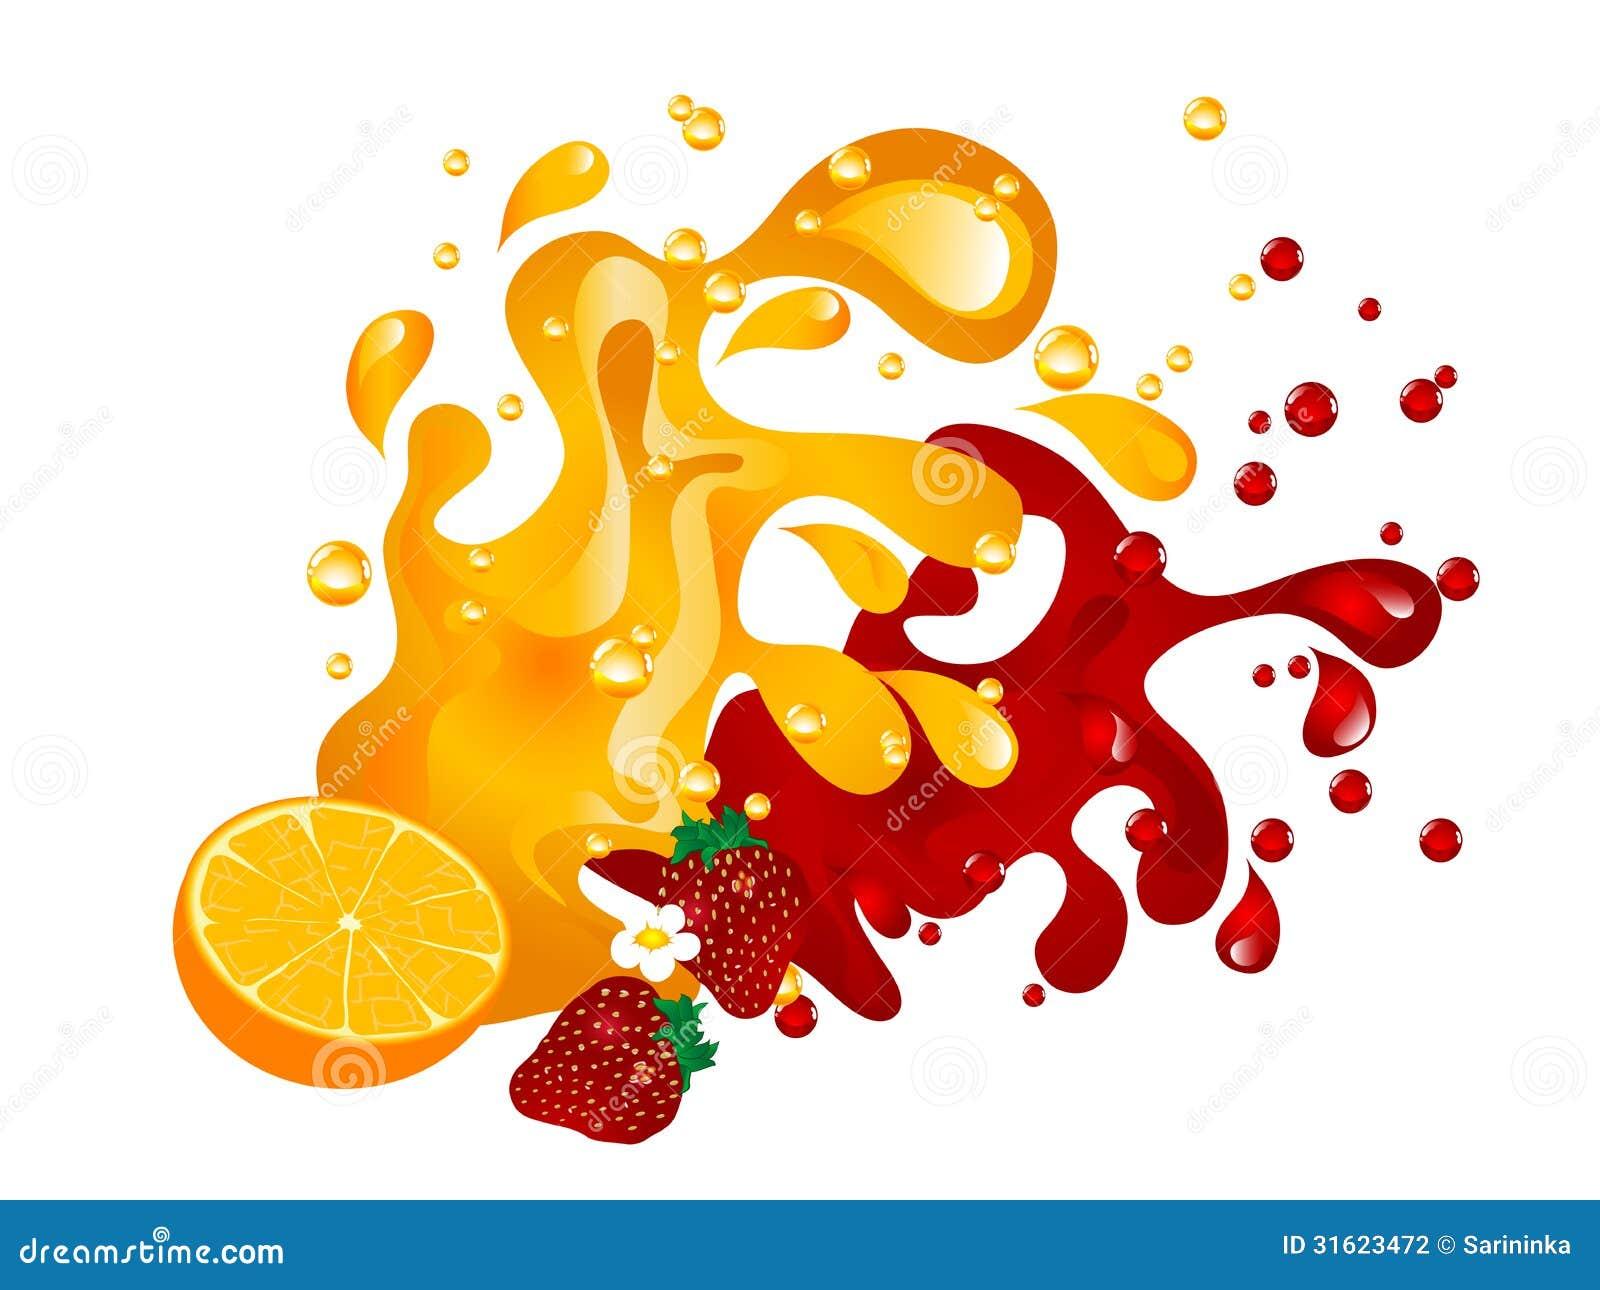 Fruit juice stock photography image 31623472